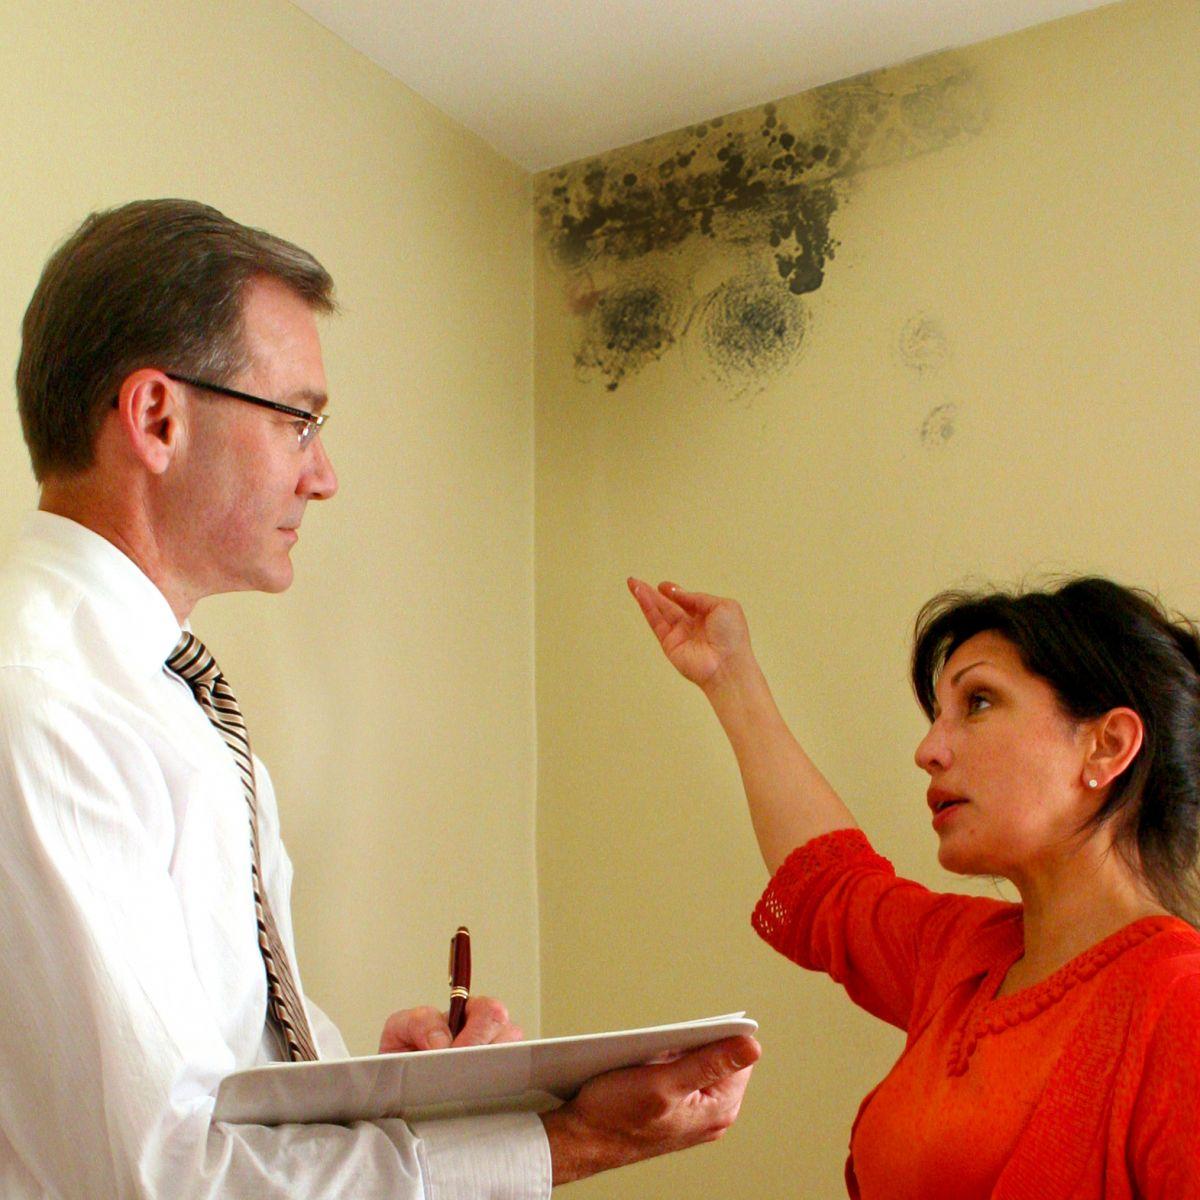 La humedad en casa grave problema que se debe detener a - Como evitar la humedad en casa ...